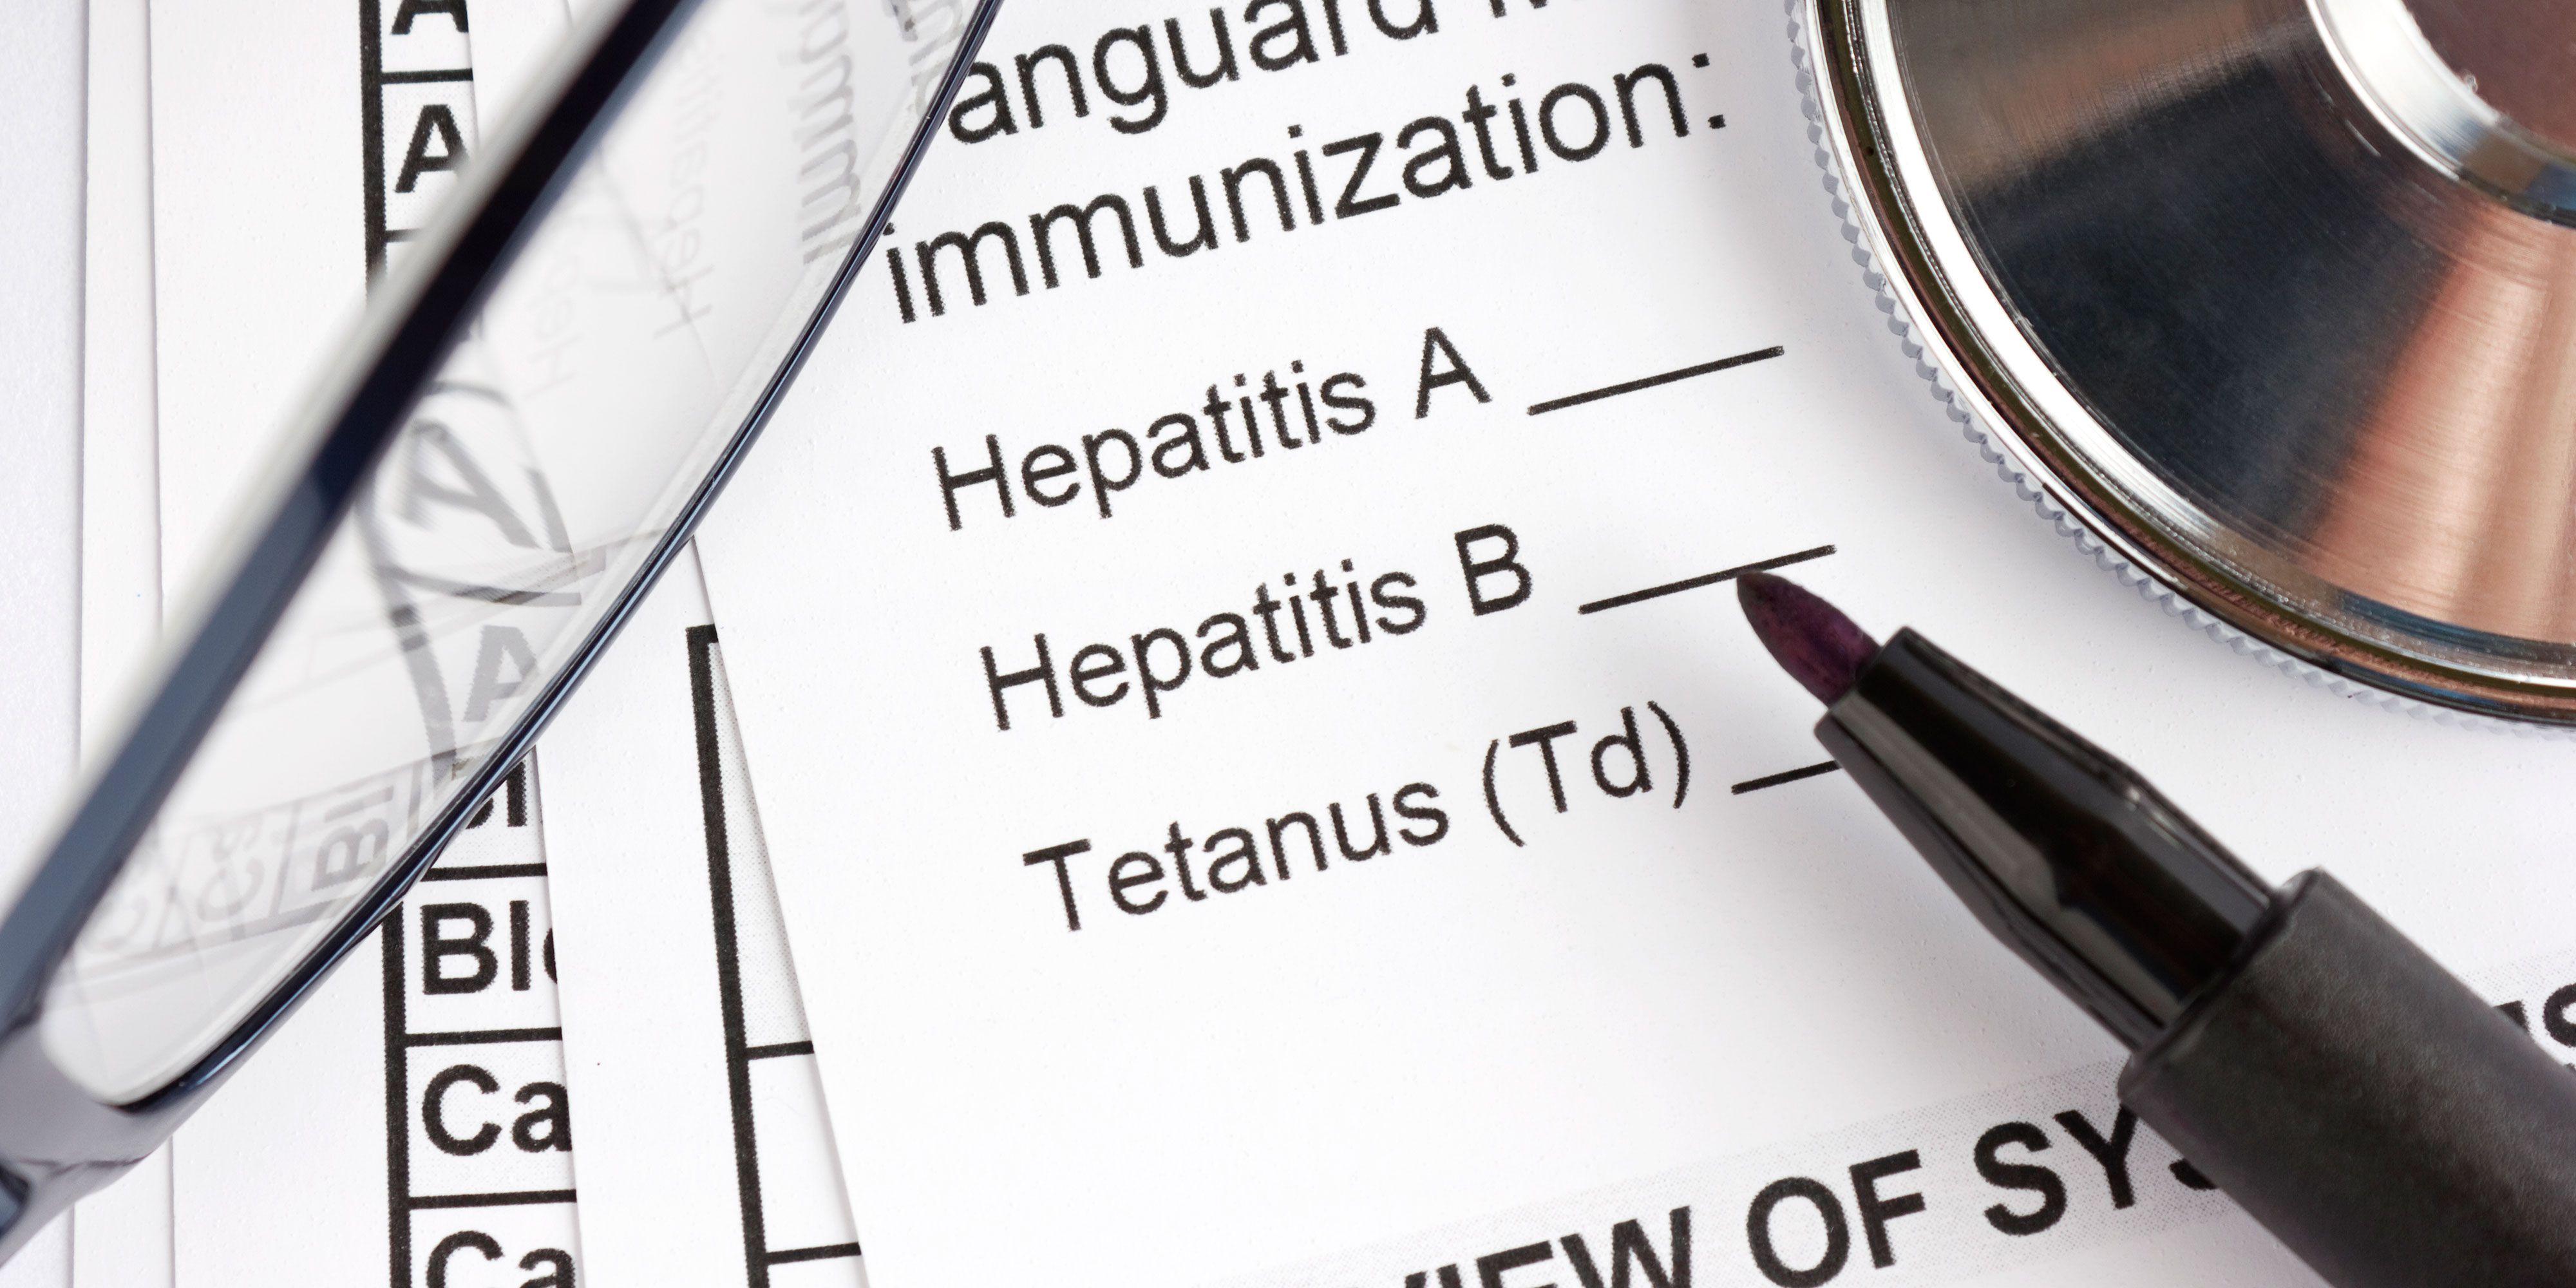 أعراض التهاب الكبد الفيروسي